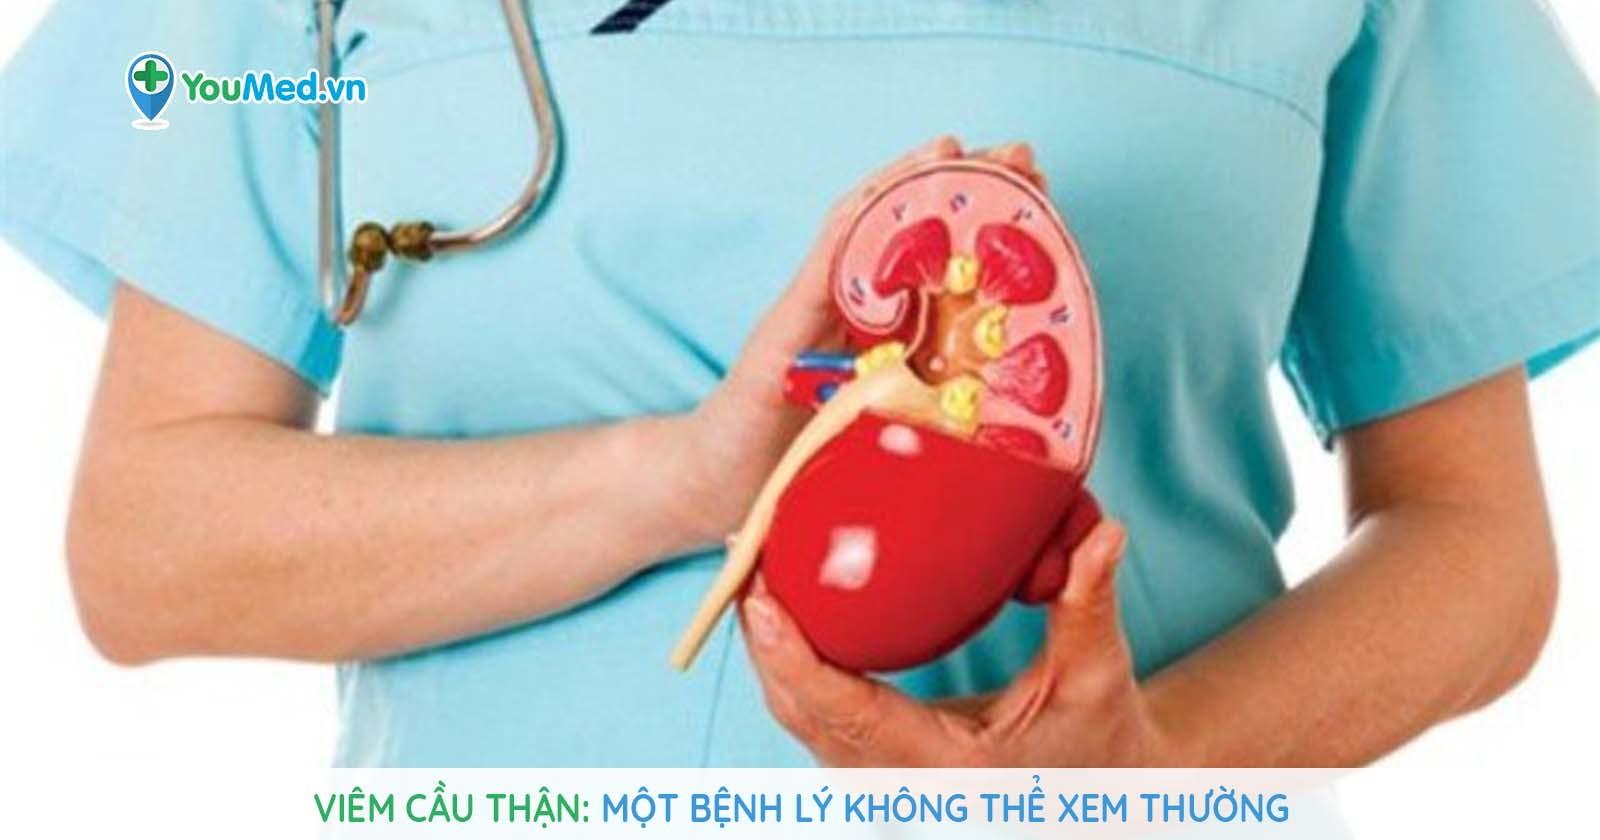 Viêm cầu thận: Một bệnh lý không thể xem thường.